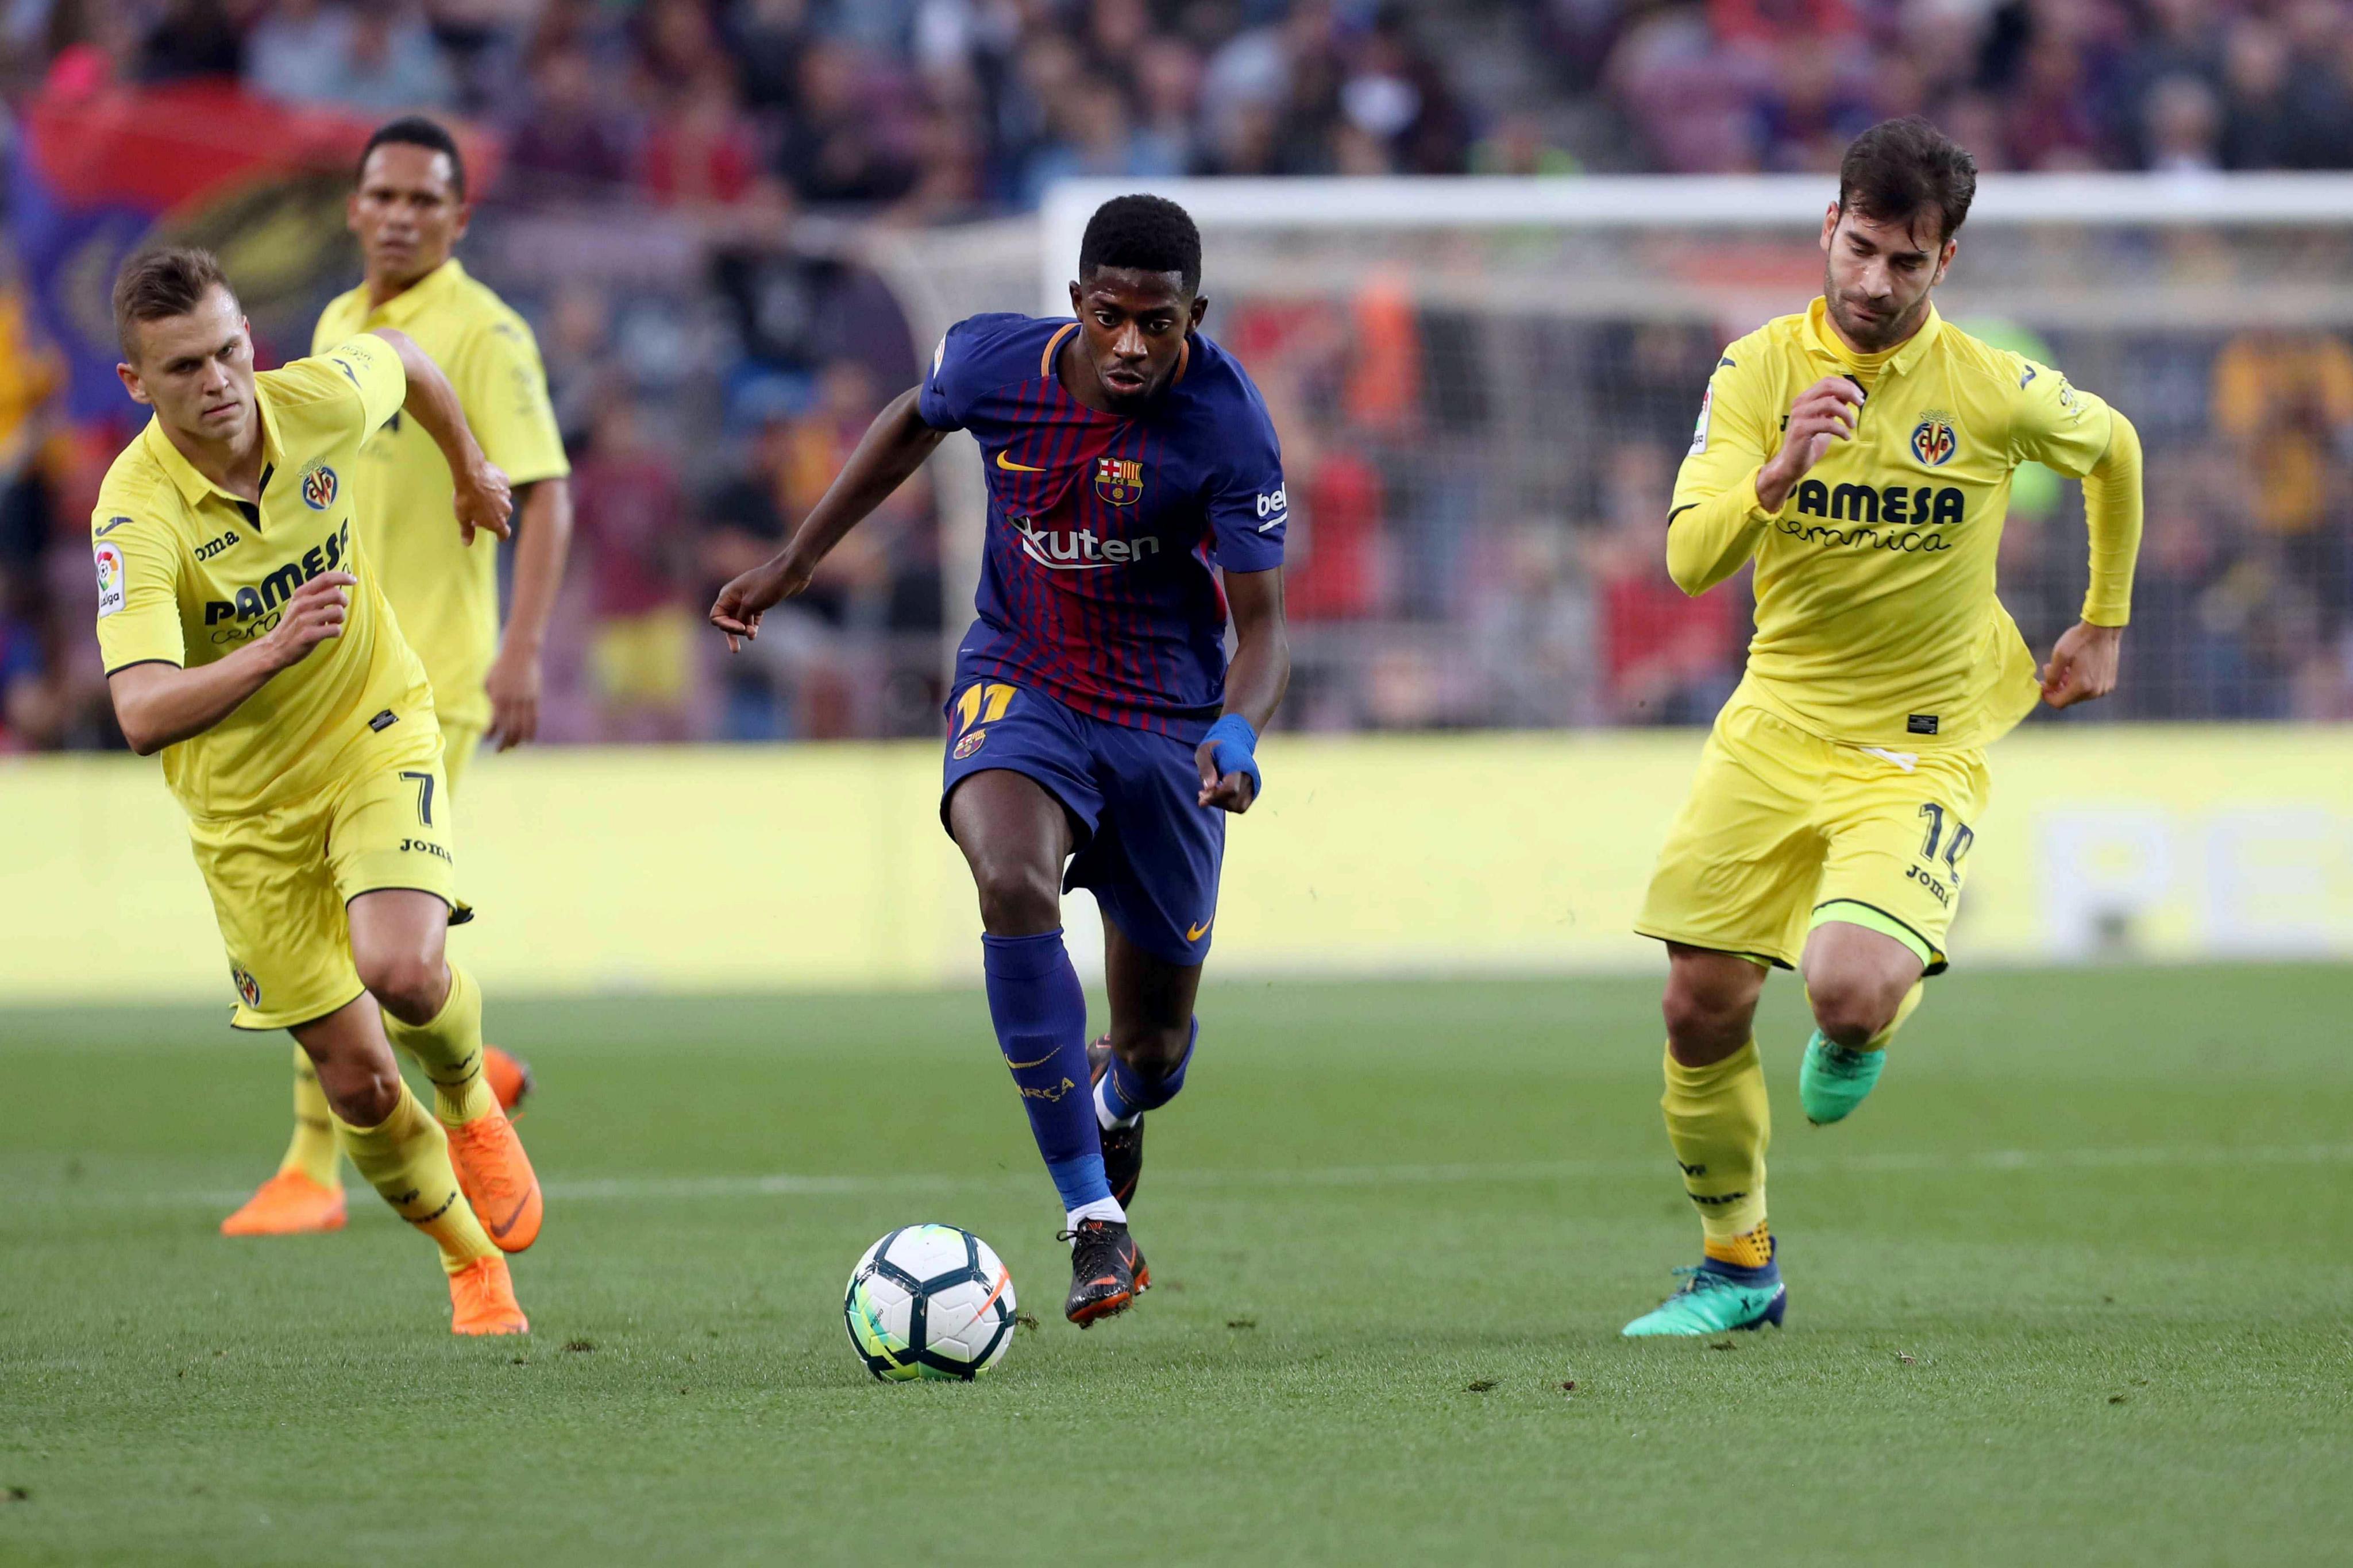 Barcelona extendió su campaña admirable con triunfo 5-1 ante Villarreal